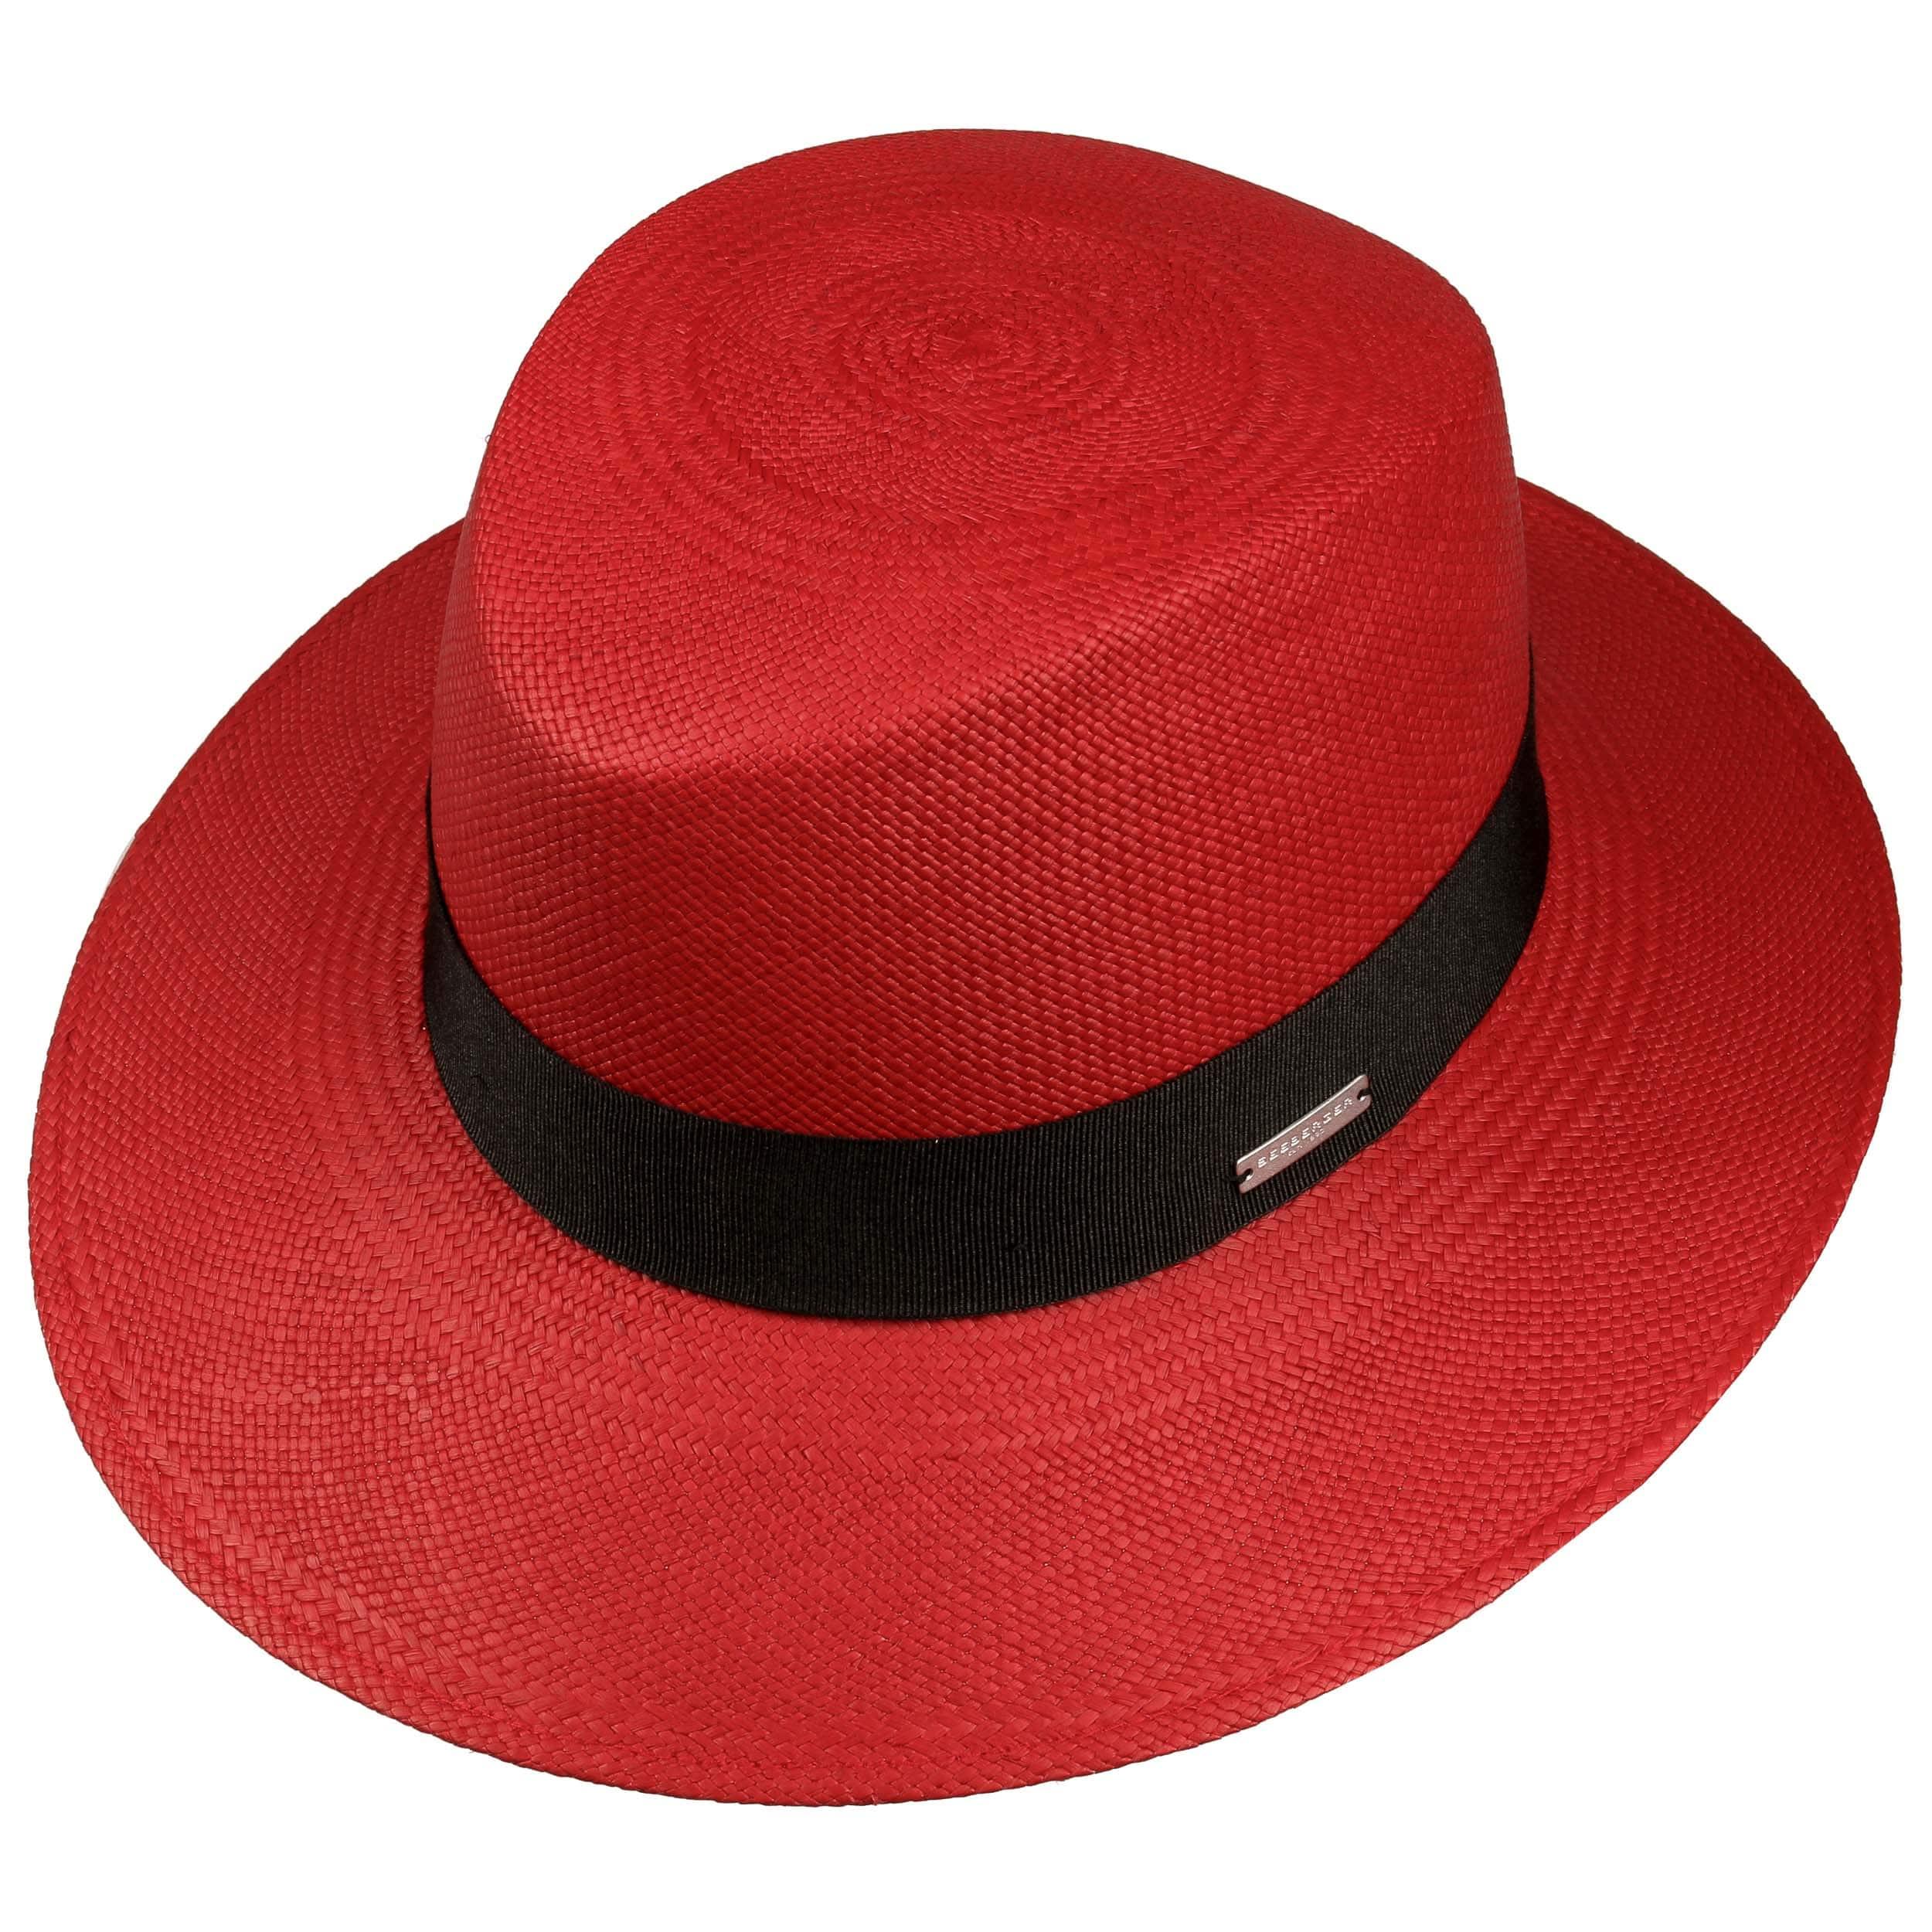 1b87f54a89cd5 ... Chapeau pour Femme Panama Bogart by Seeberger - rouge 1 ...